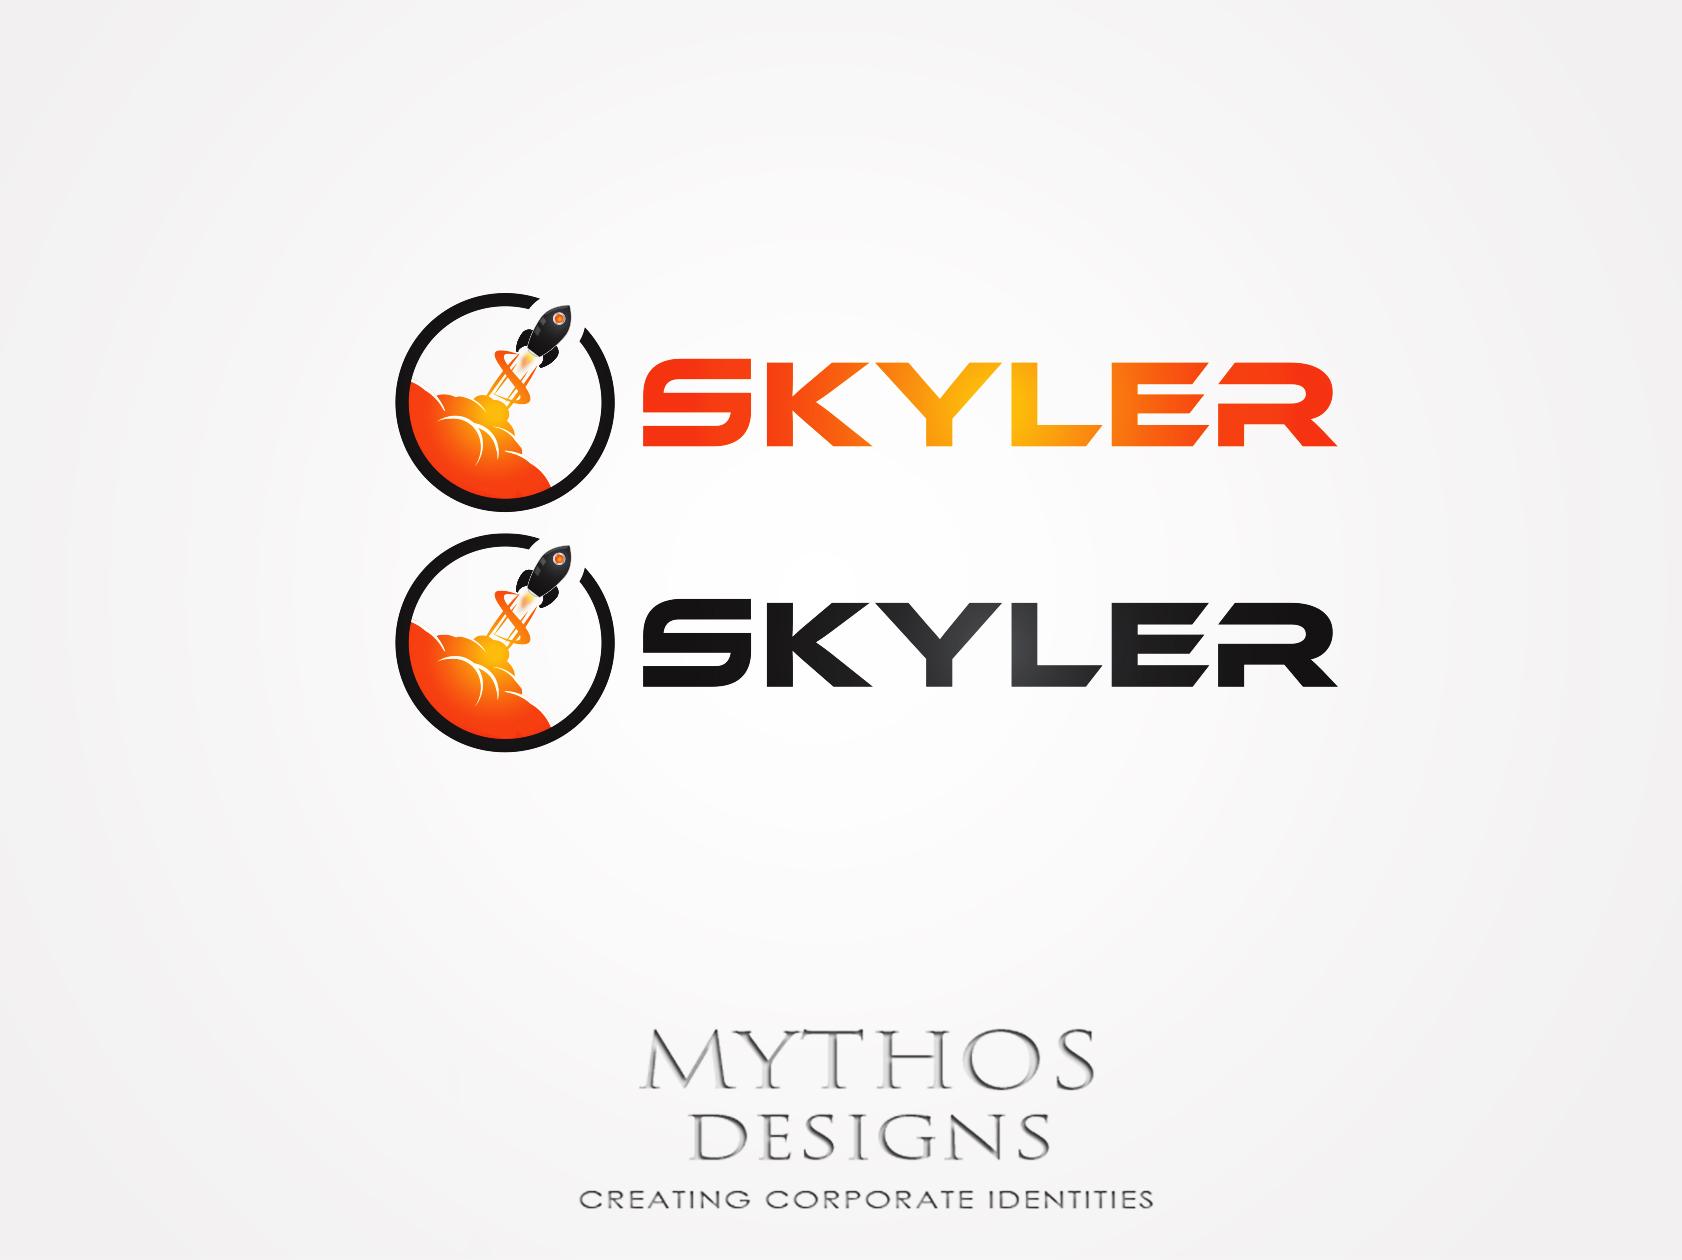 Logo Design by Mythos Designs - Entry No. 80 in the Logo Design Contest Artistic Logo Design for Skyler.Asia.